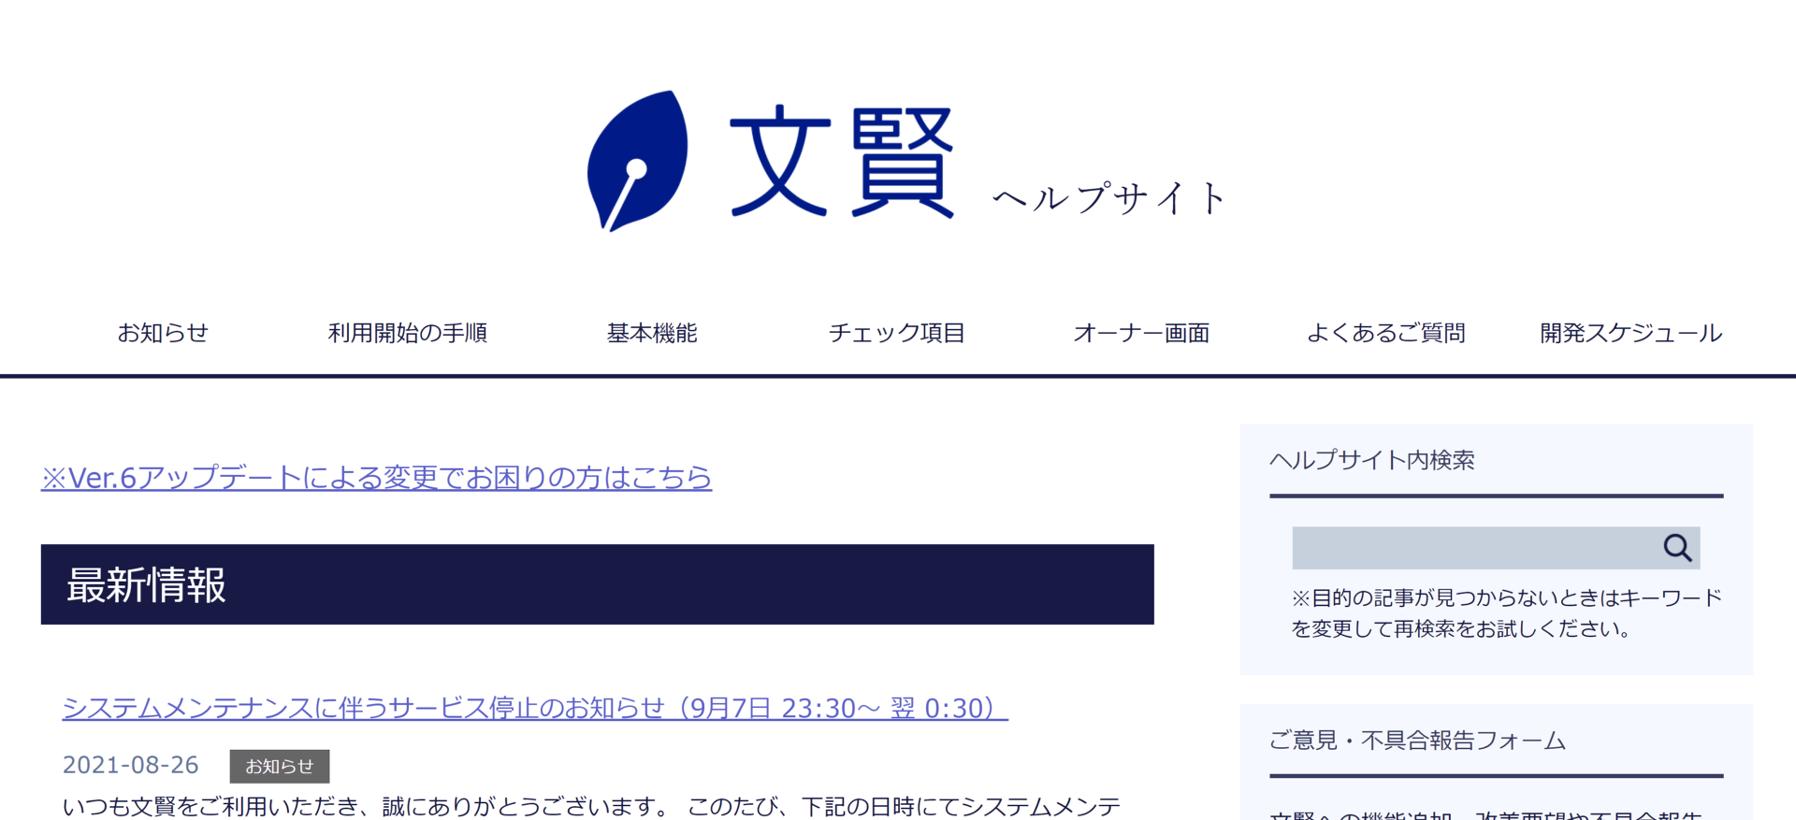 文賢ヘルプサイト